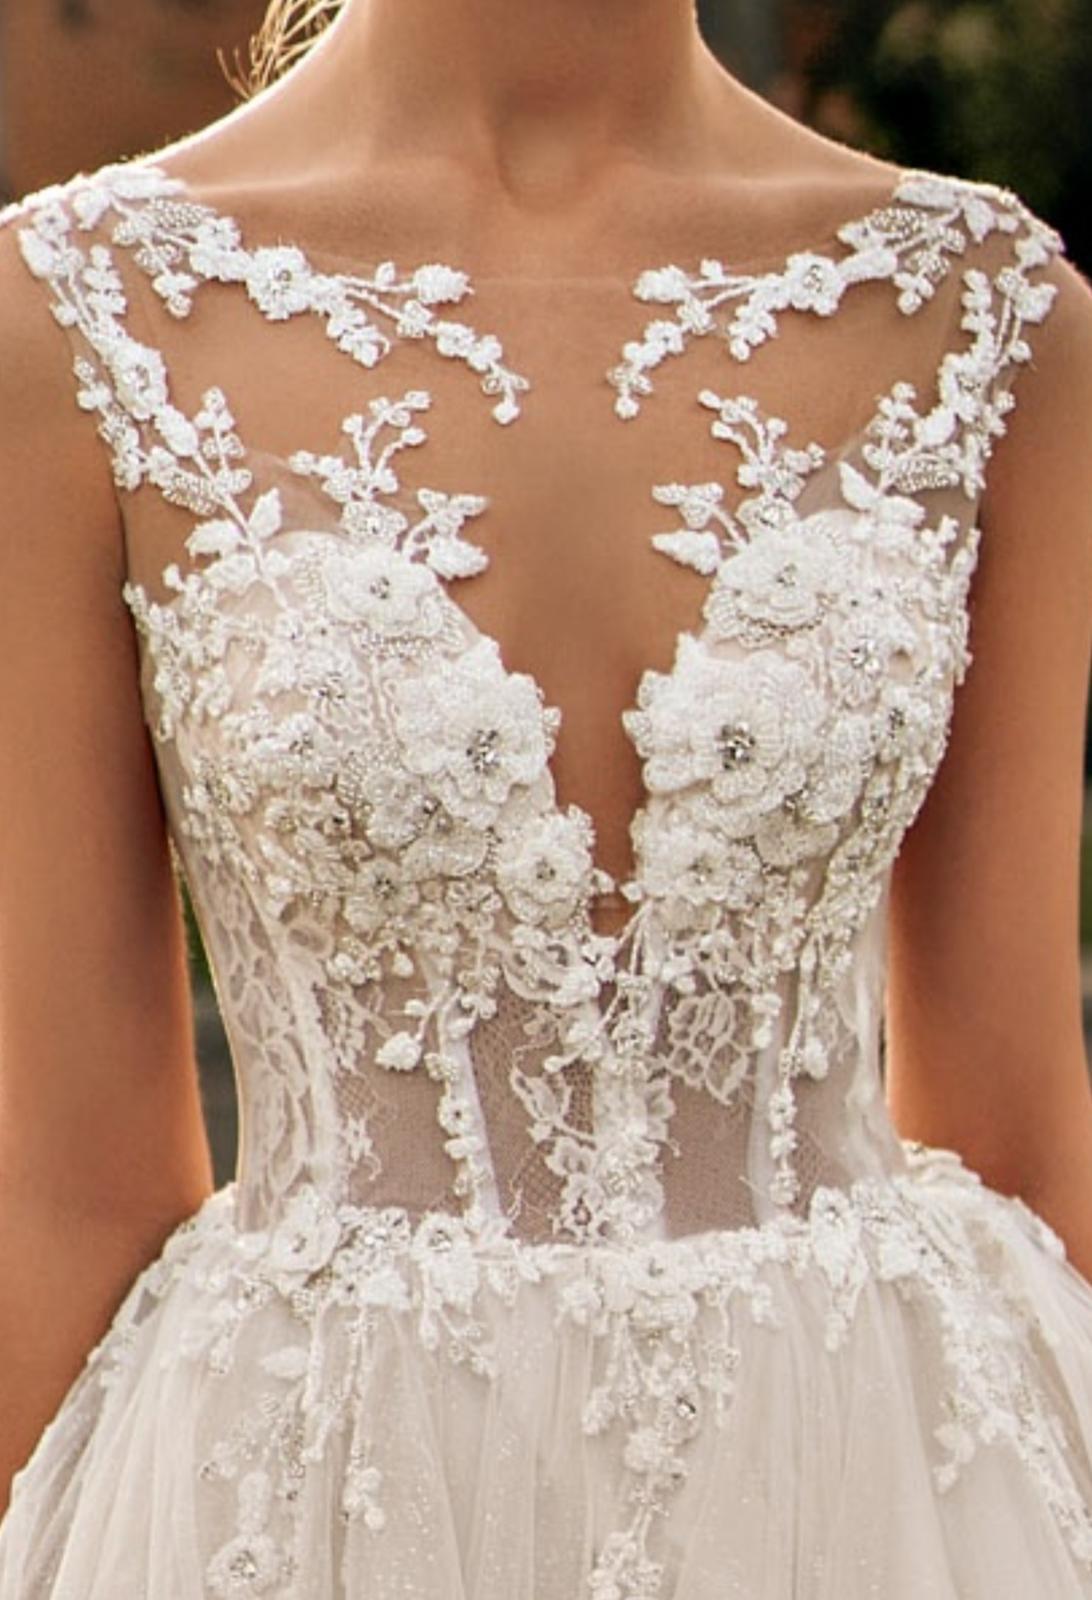 Svatební šaty Elody model 105 Linda vel. 32-34 (XS) - Obrázek č. 4